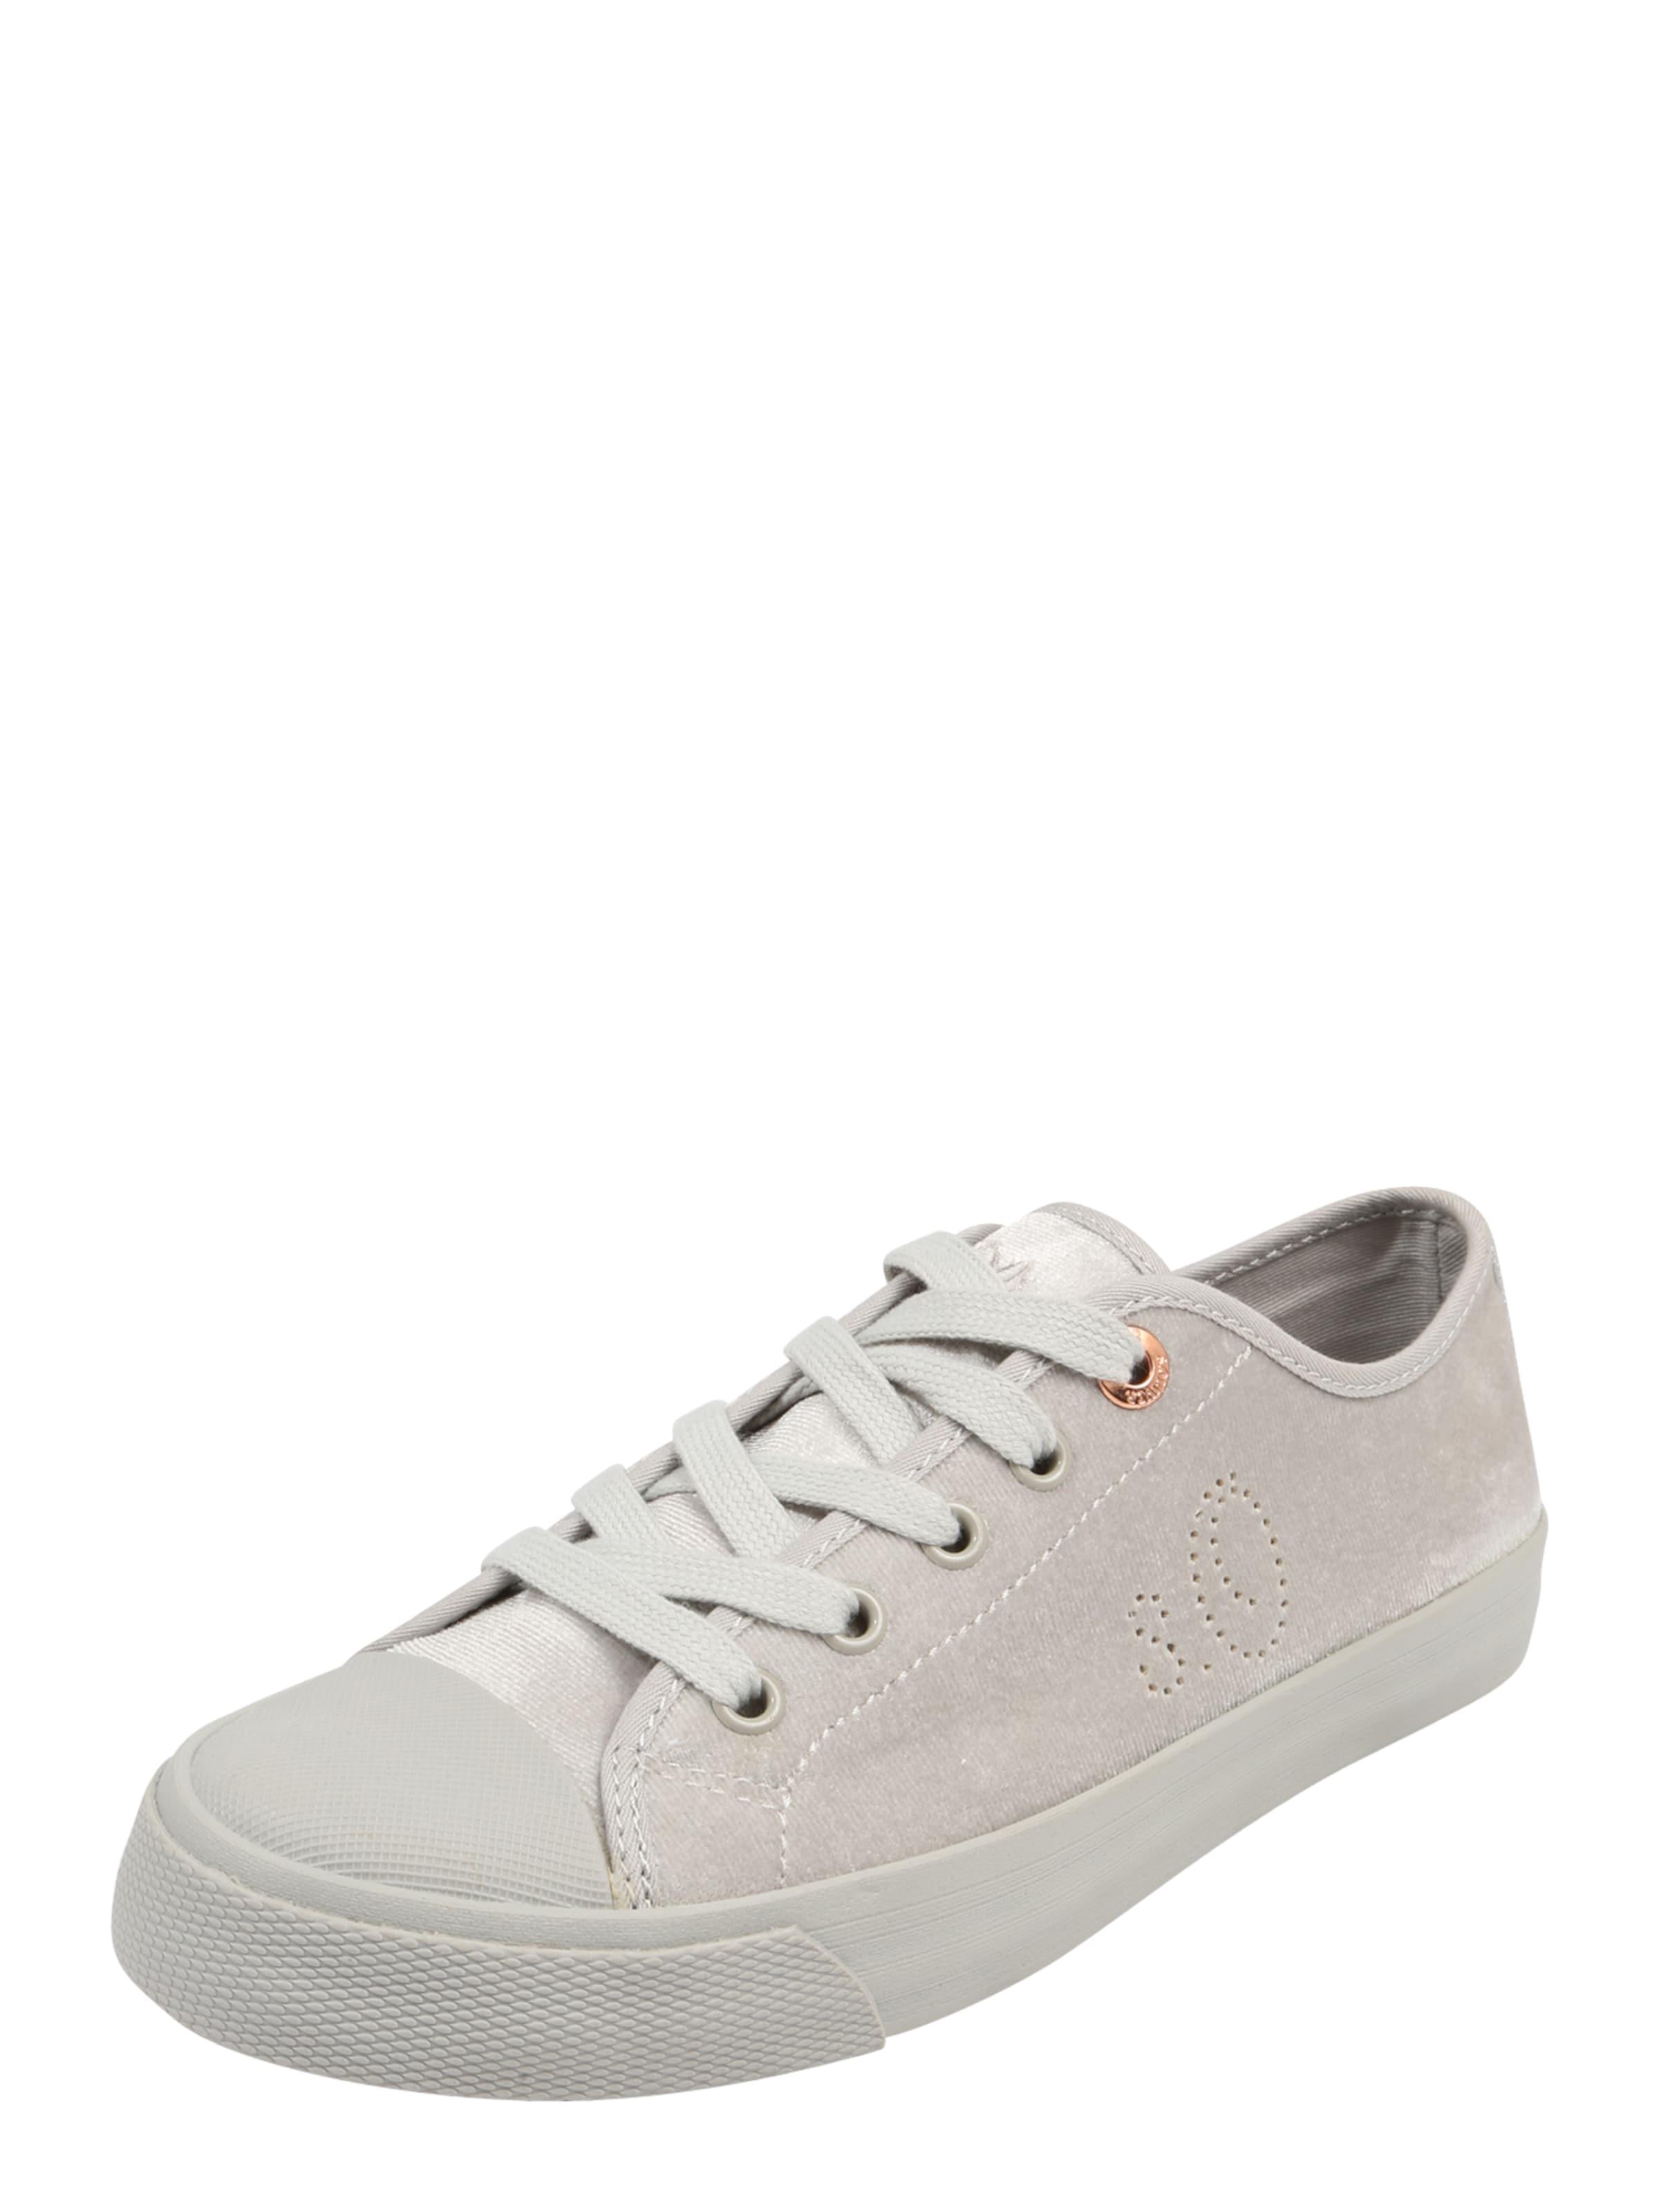 Freies Verschiffen Preiswerteste Erschwinglich s.Oliver RED LABEL Sneaker im Samt-Look Verkauf Offizielle Seite ywp4X